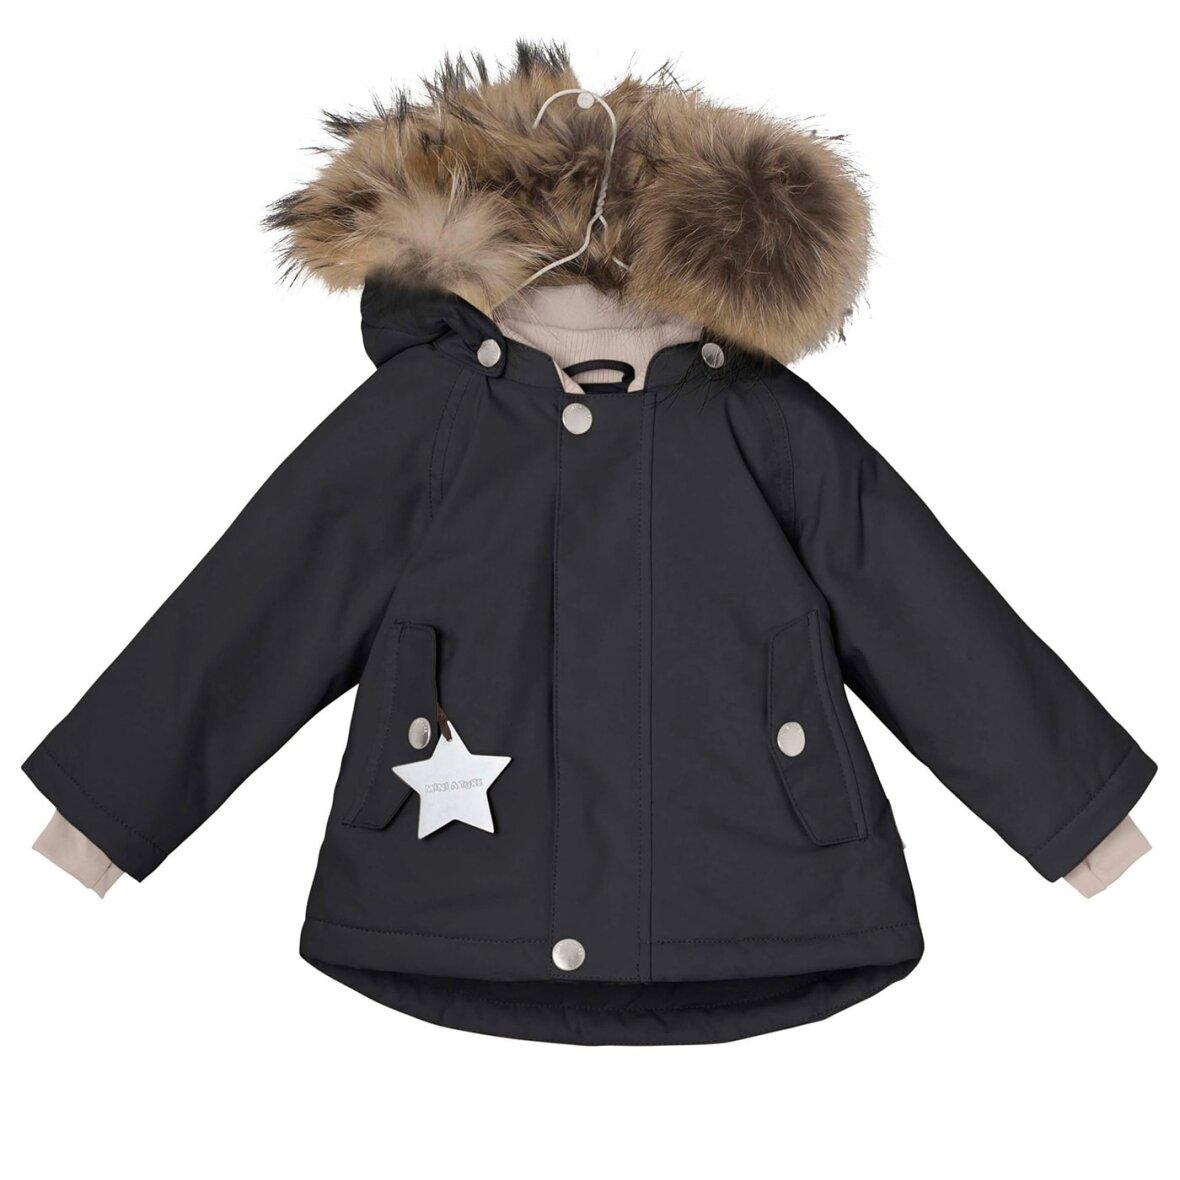 e4835e83 Sort vinterjakke med pels fra Mini A Ture - Skruuk